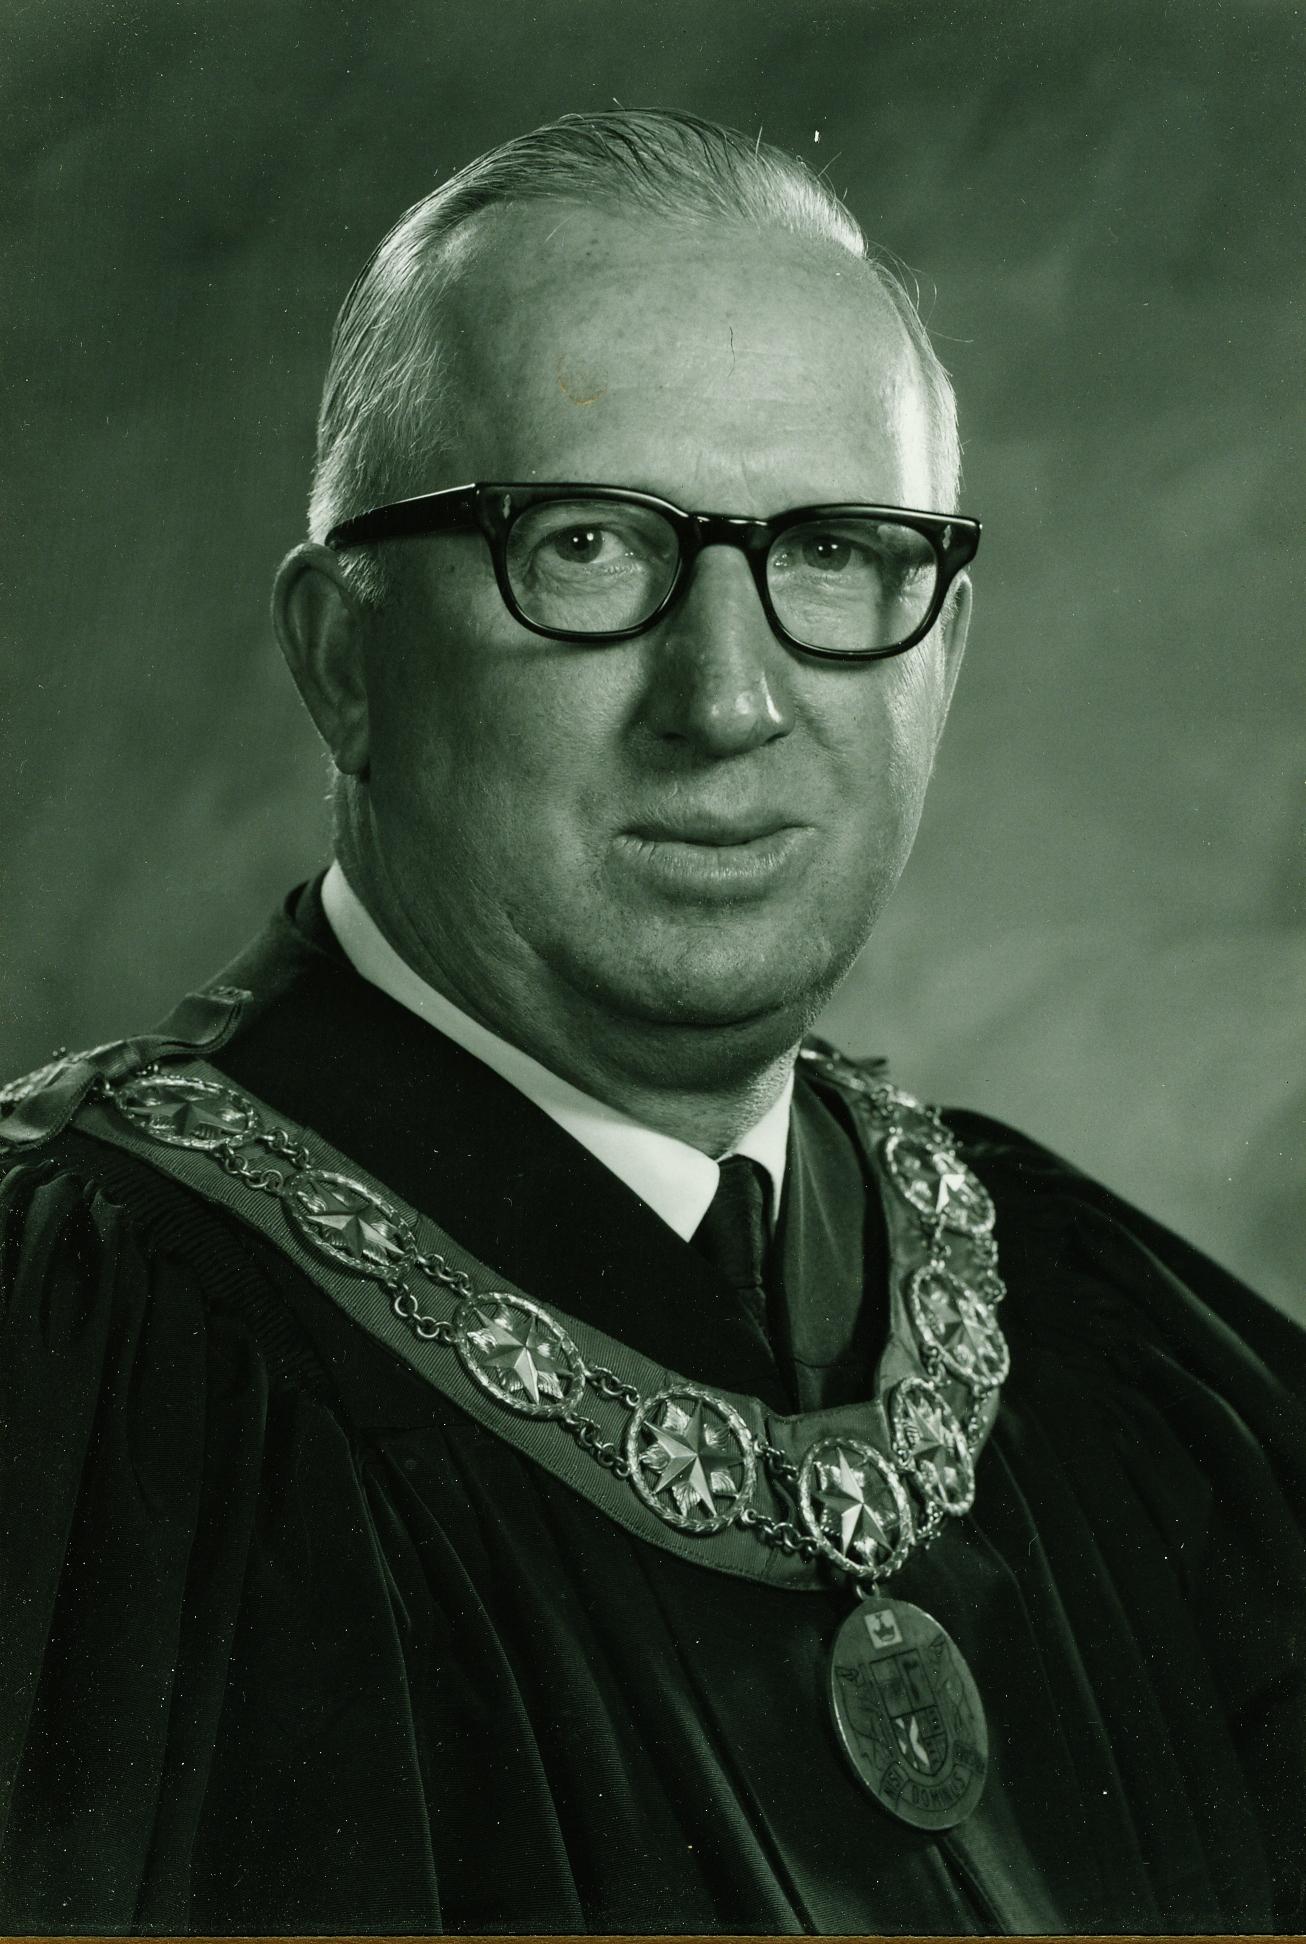 Warden John Wilkes 1970